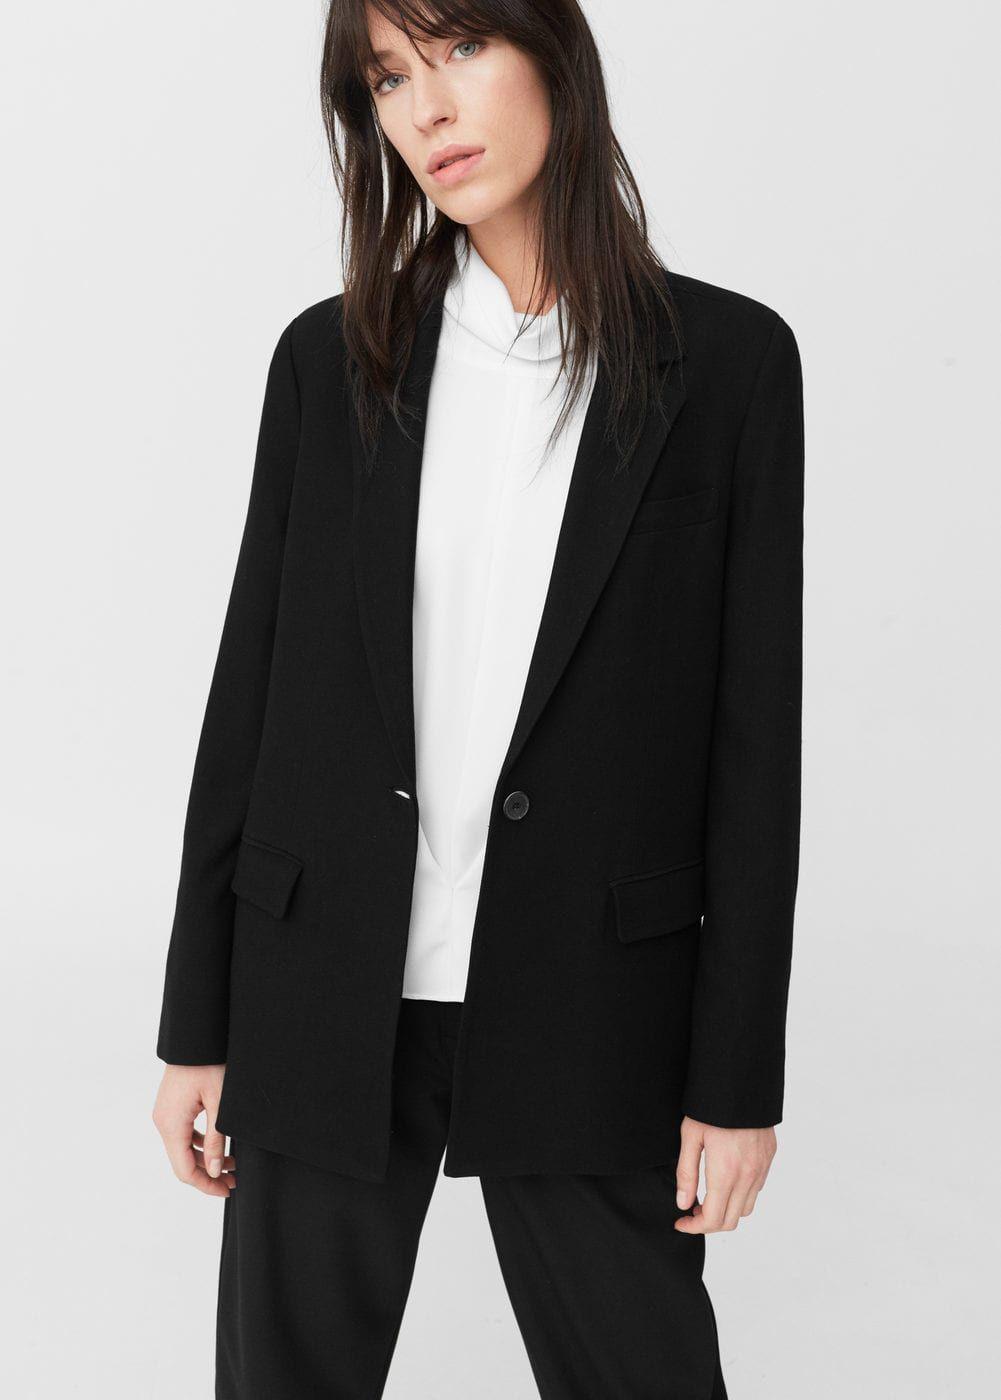 2019 Bayan Ceket Kombinleri Anlatımlı